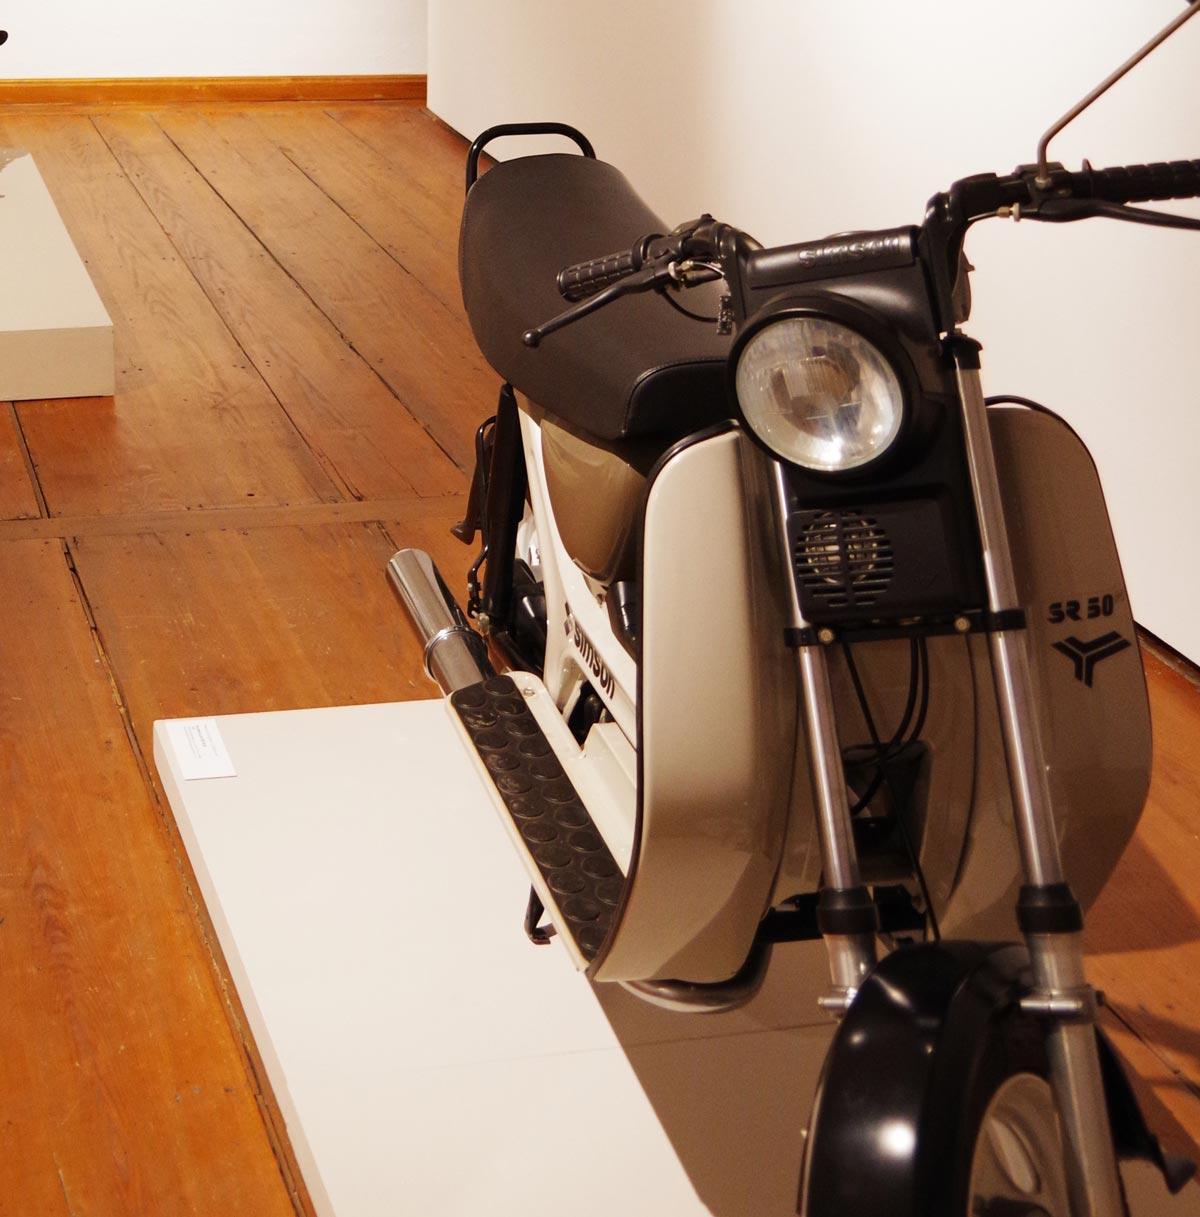 Motorroller Simson SR 50 B. Ausstellungsansicht, Museum für Angewandte Kunst Gera. Entwurf Lutz Rudolph und Clauss Dietel.